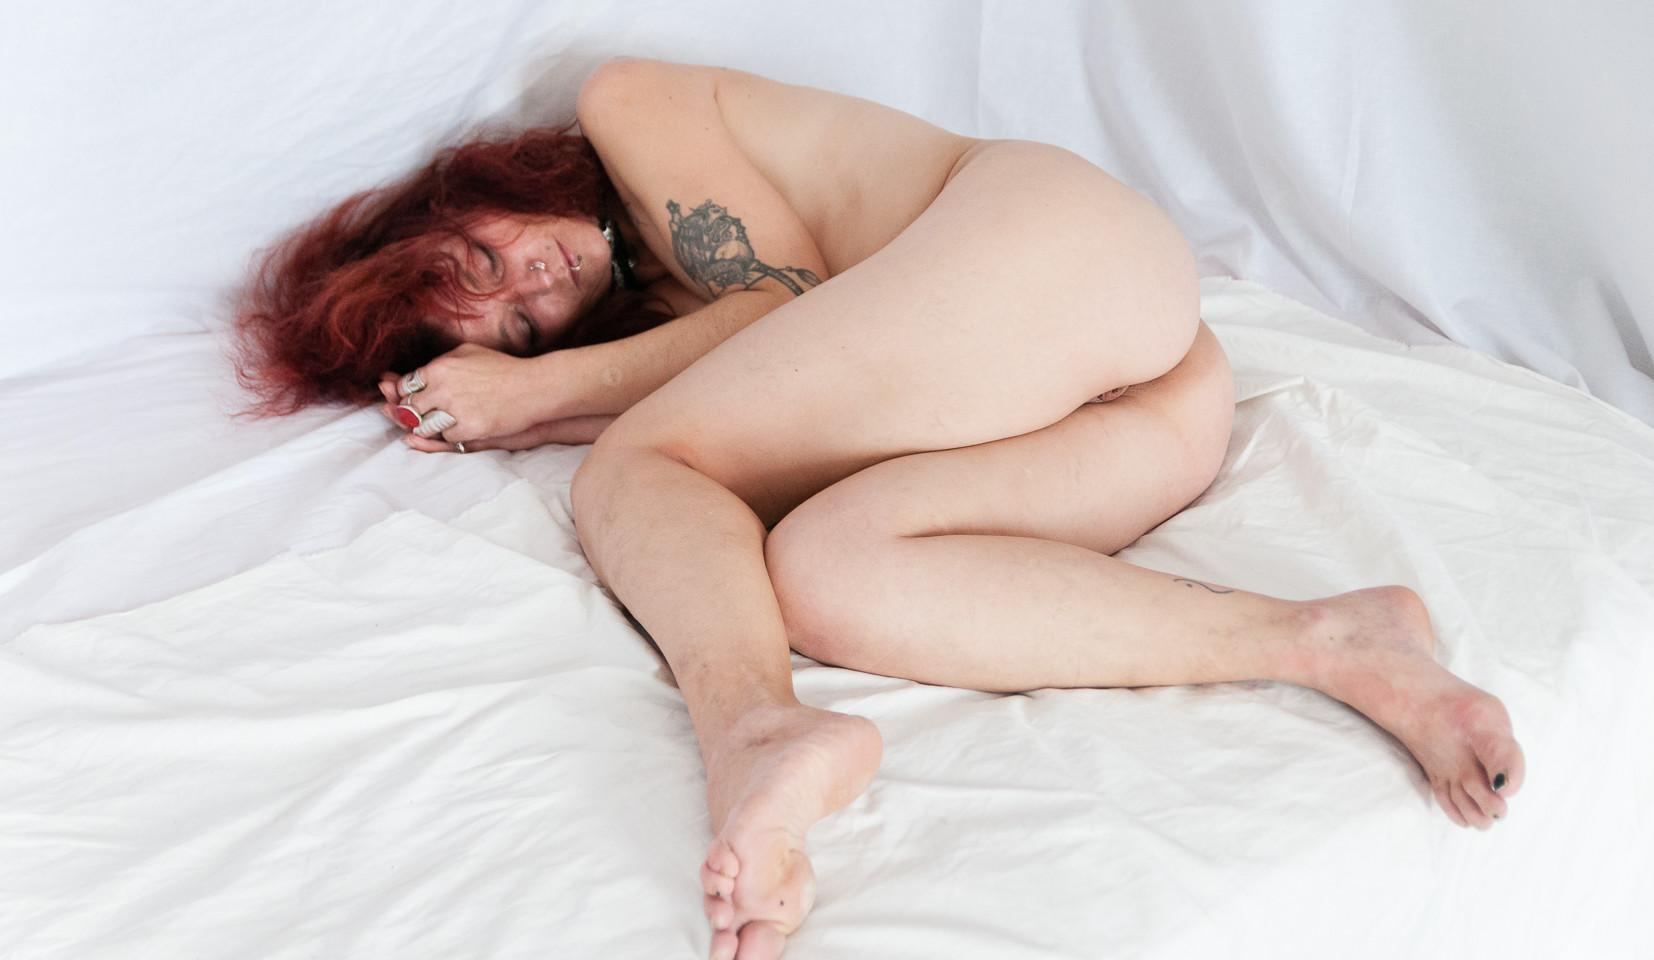 Mon corps a une histoire, arthy mad artiste photographe, corps nu, sexualité, homme nu, femme nue, décor blanc, rendez vous, tatouage